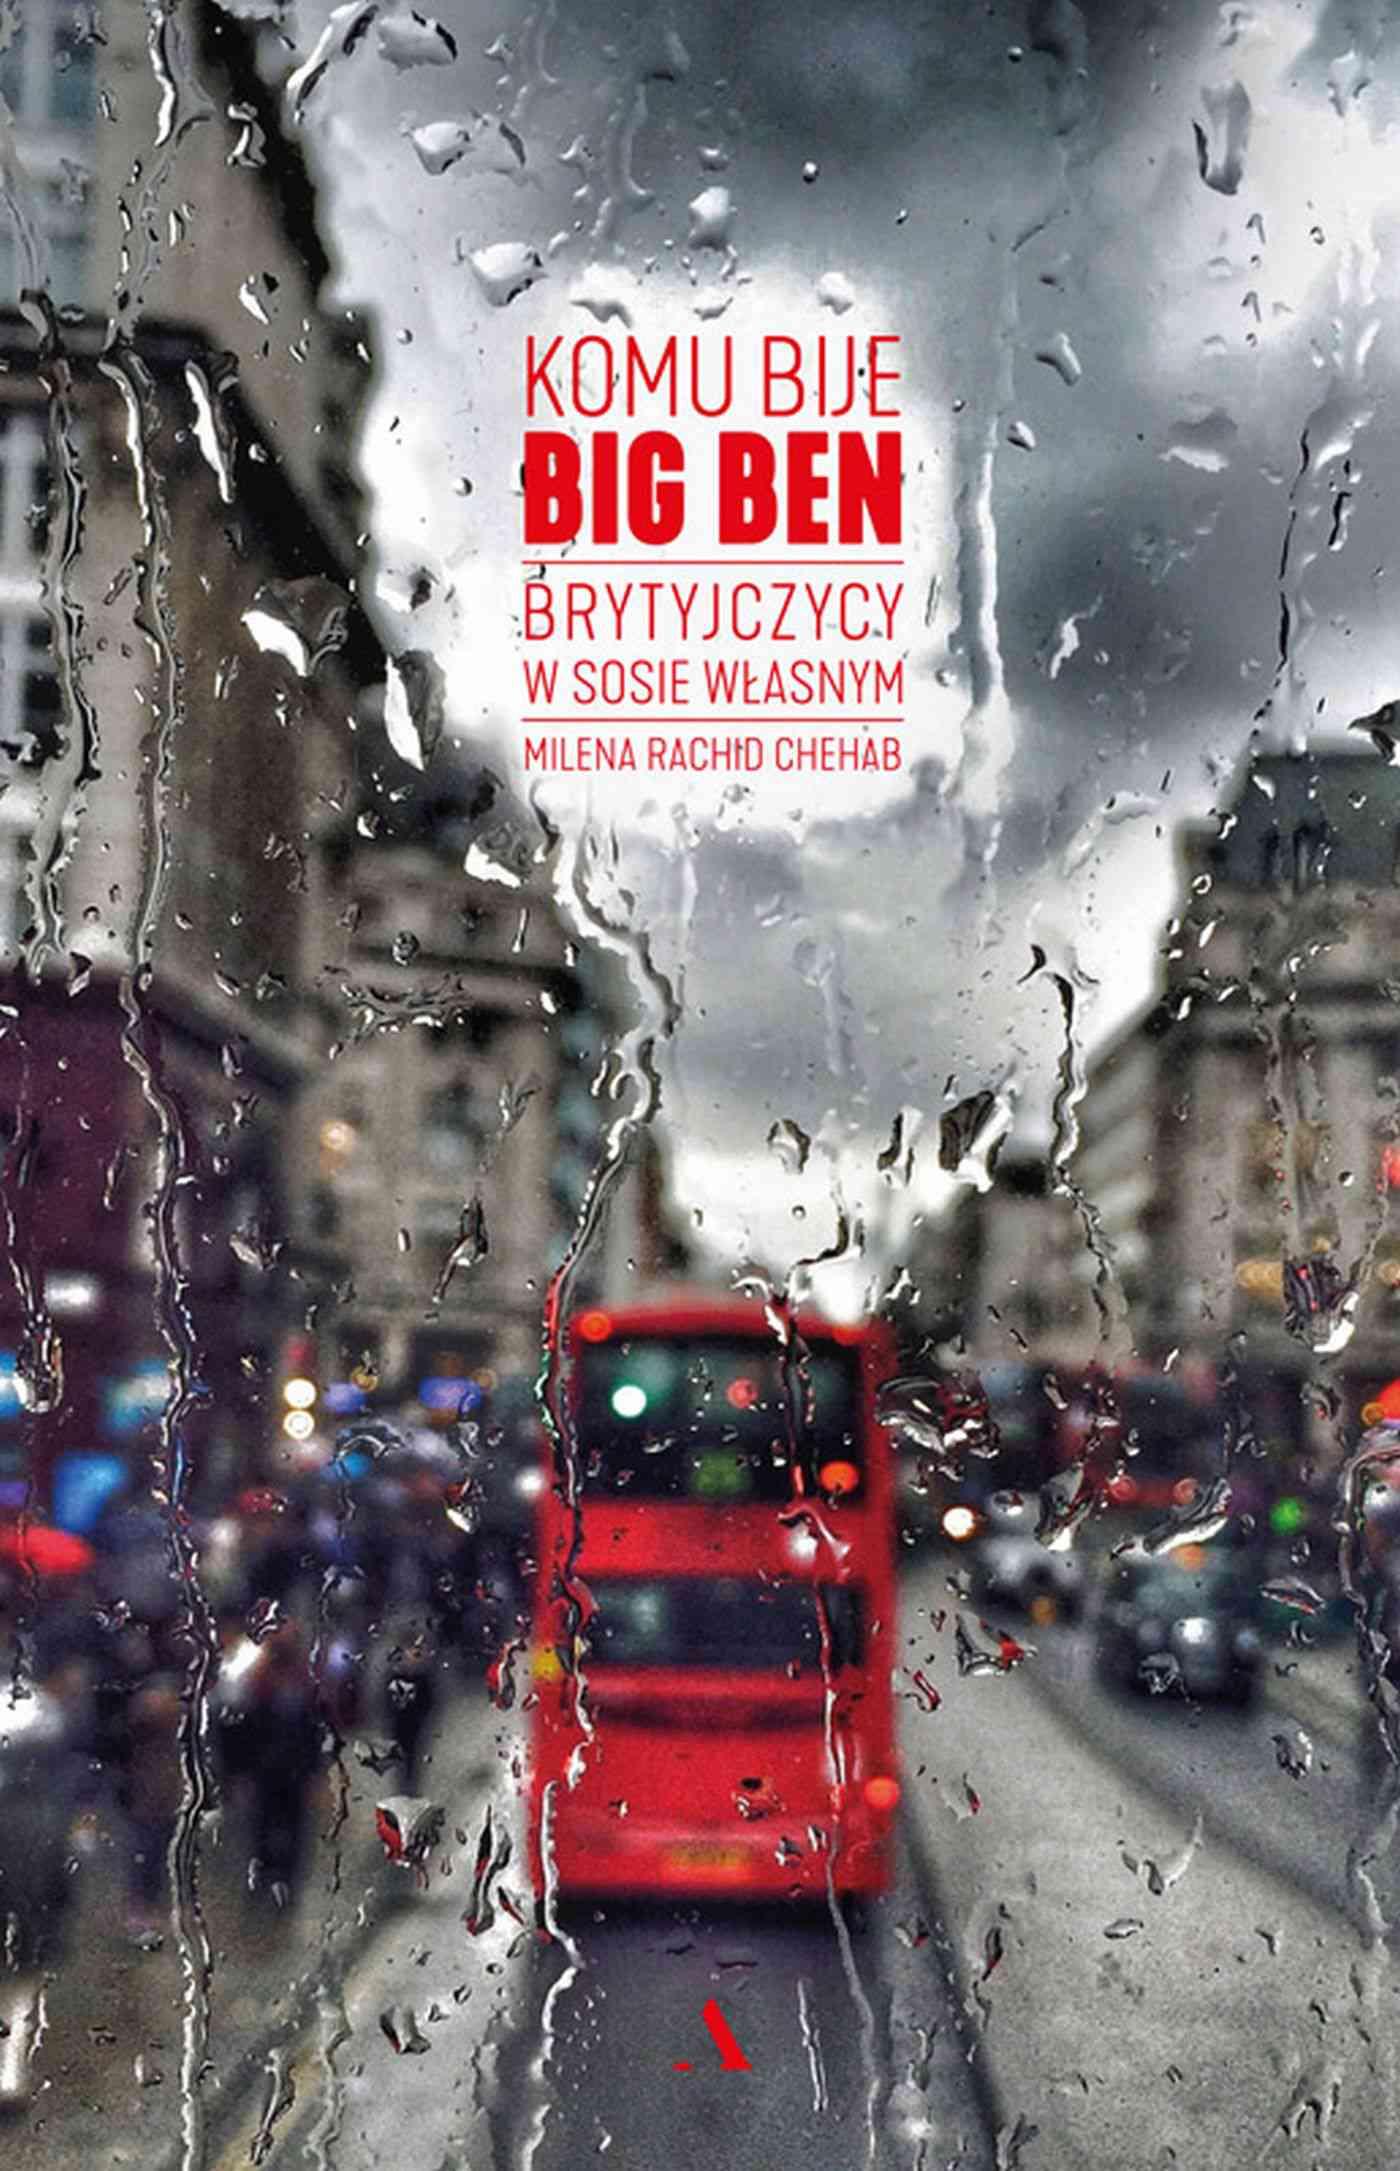 Komu bije Big Ben. Brytyjczycy w sosie własnym - Ebook (Książka na Kindle) do pobrania w formacie MOBI